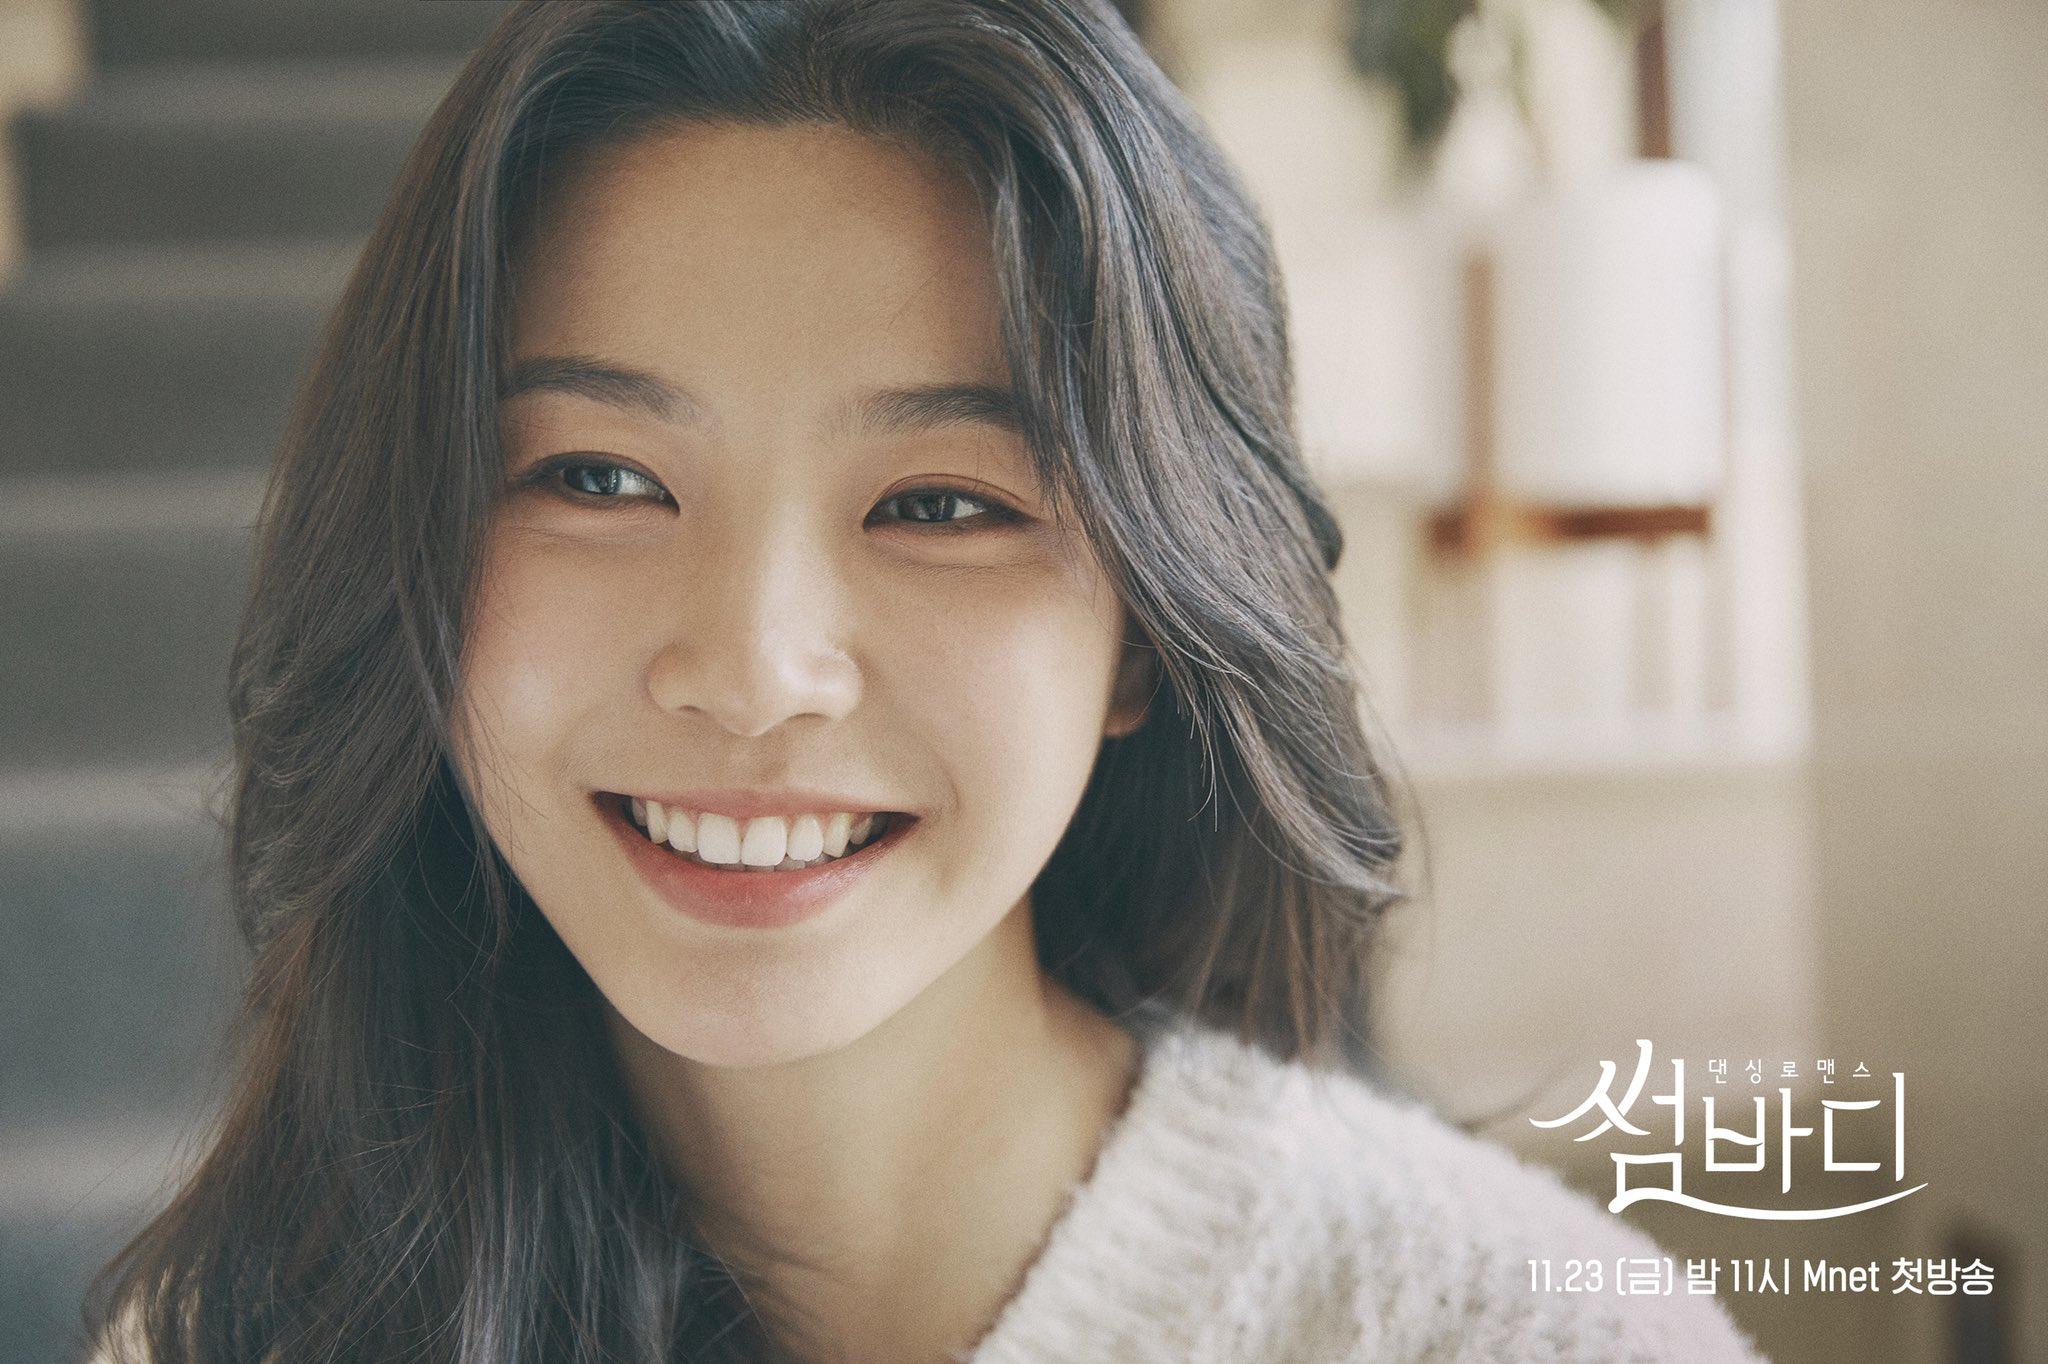 韩国人又在舞蹈节目上玩出了新花样,2月9日完结的《SOMEBODY》你看了吗?插图1